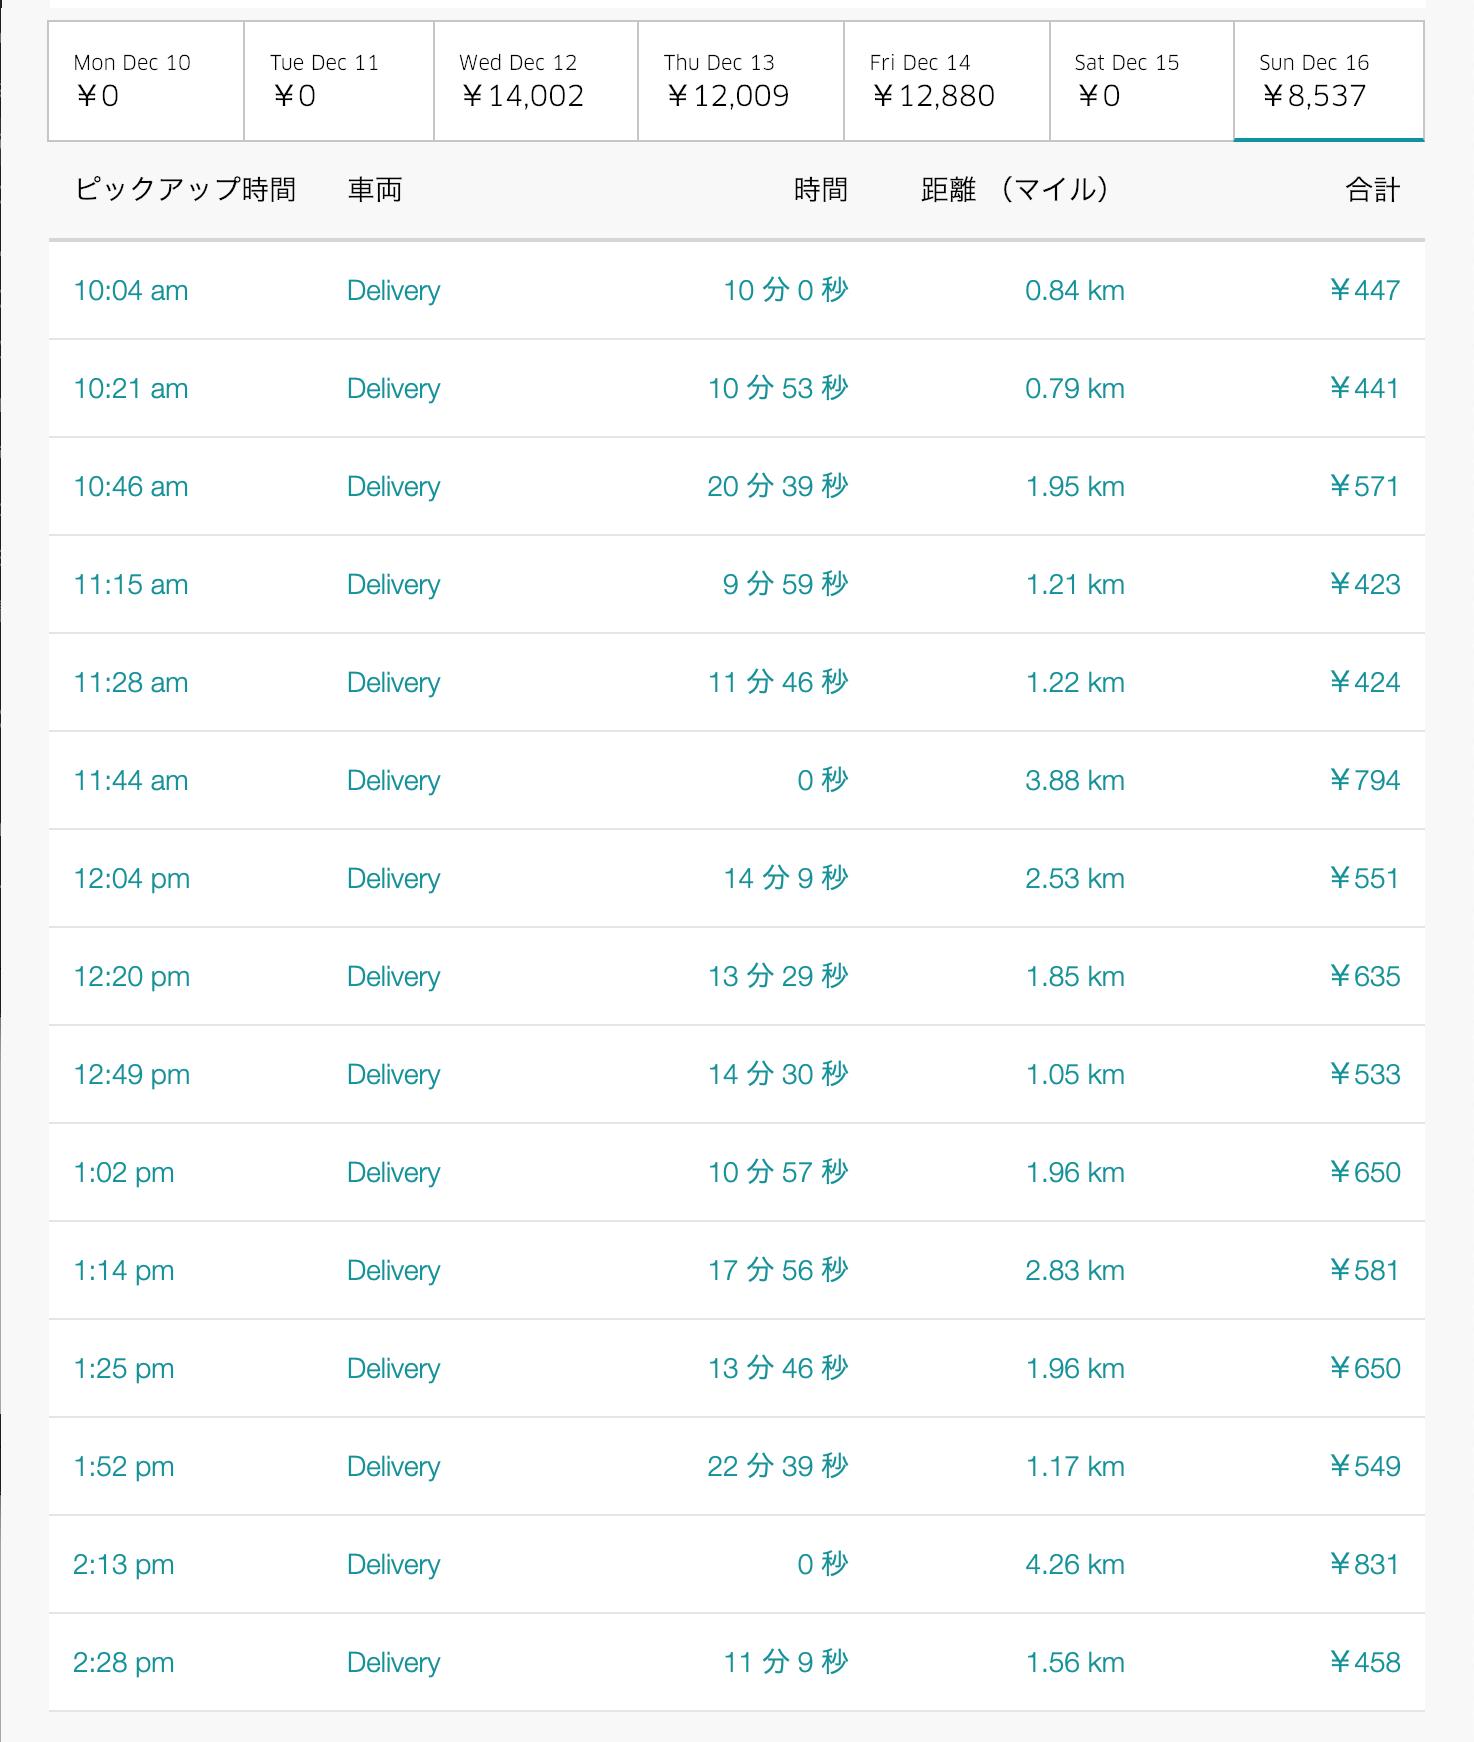 Uber Eats12月16日の配達数字